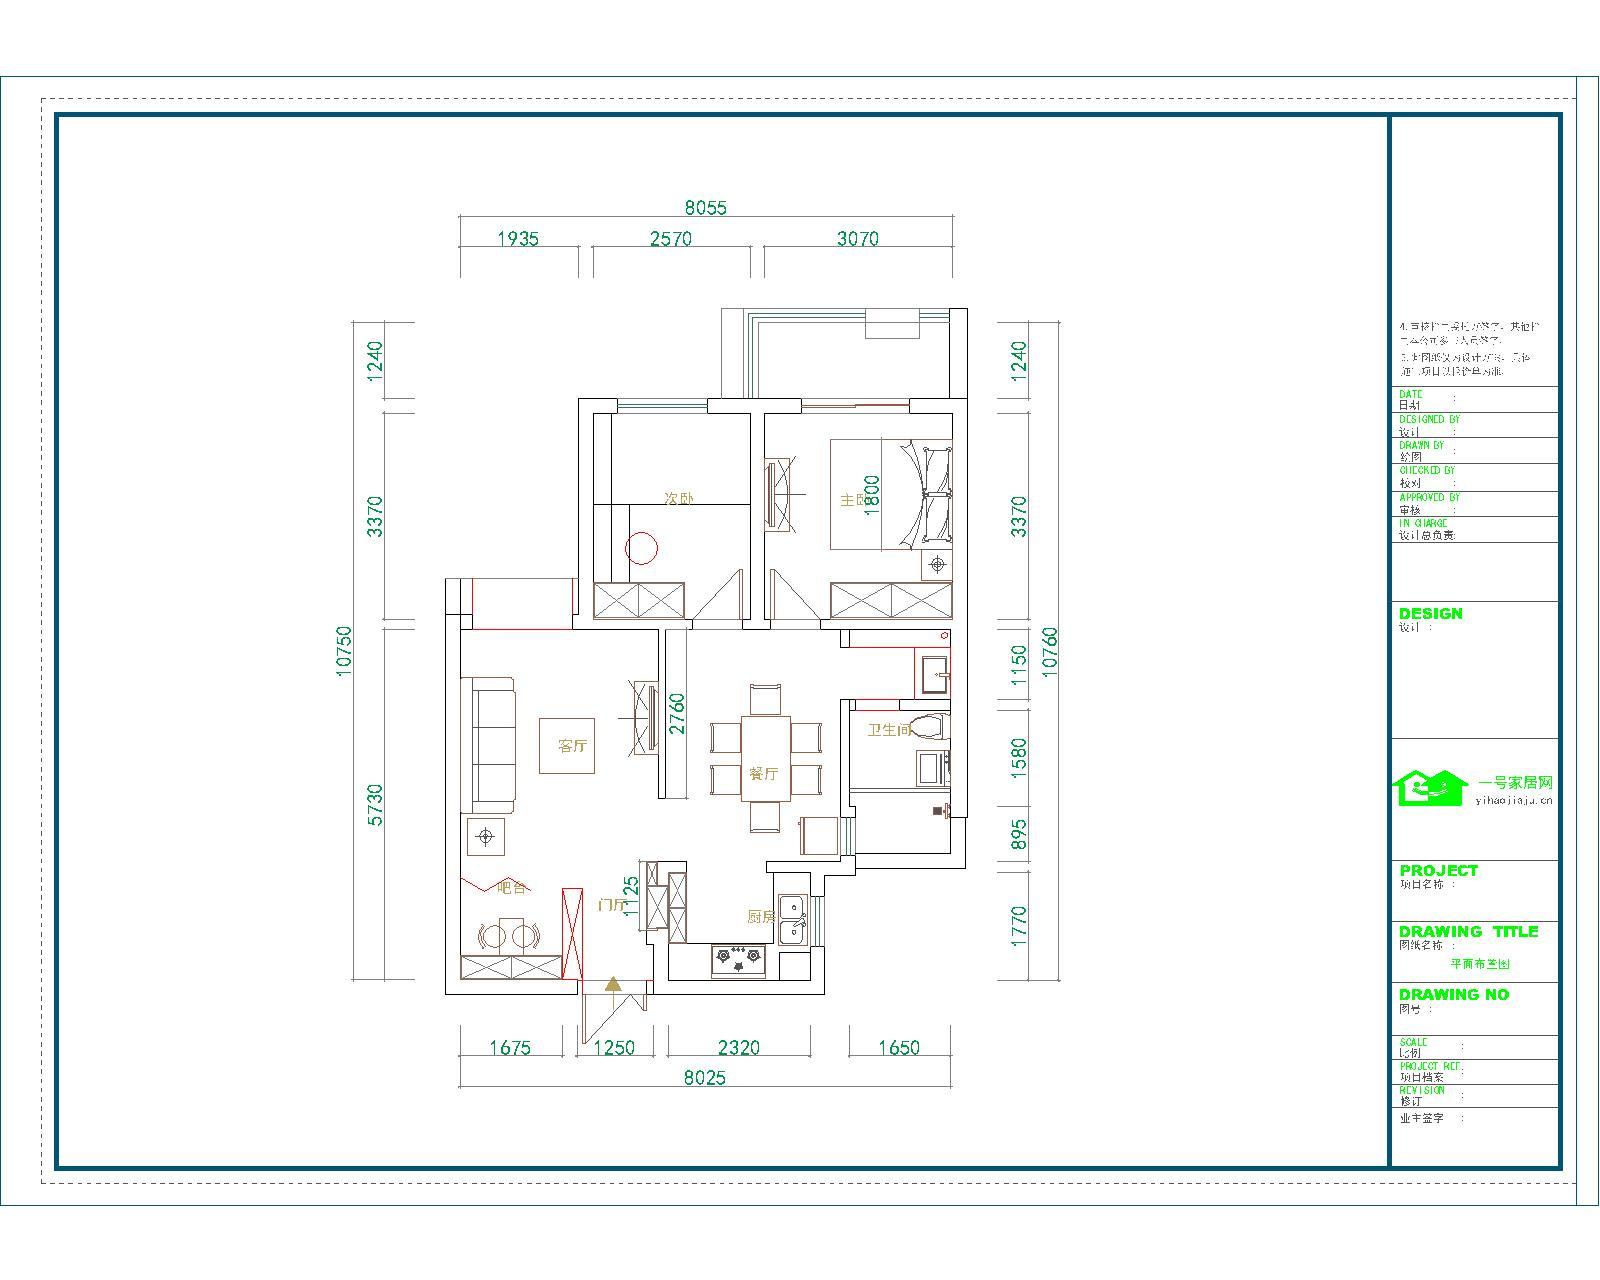 南京岱山平治南苑86平户型家庭简欧风格装修案例分析